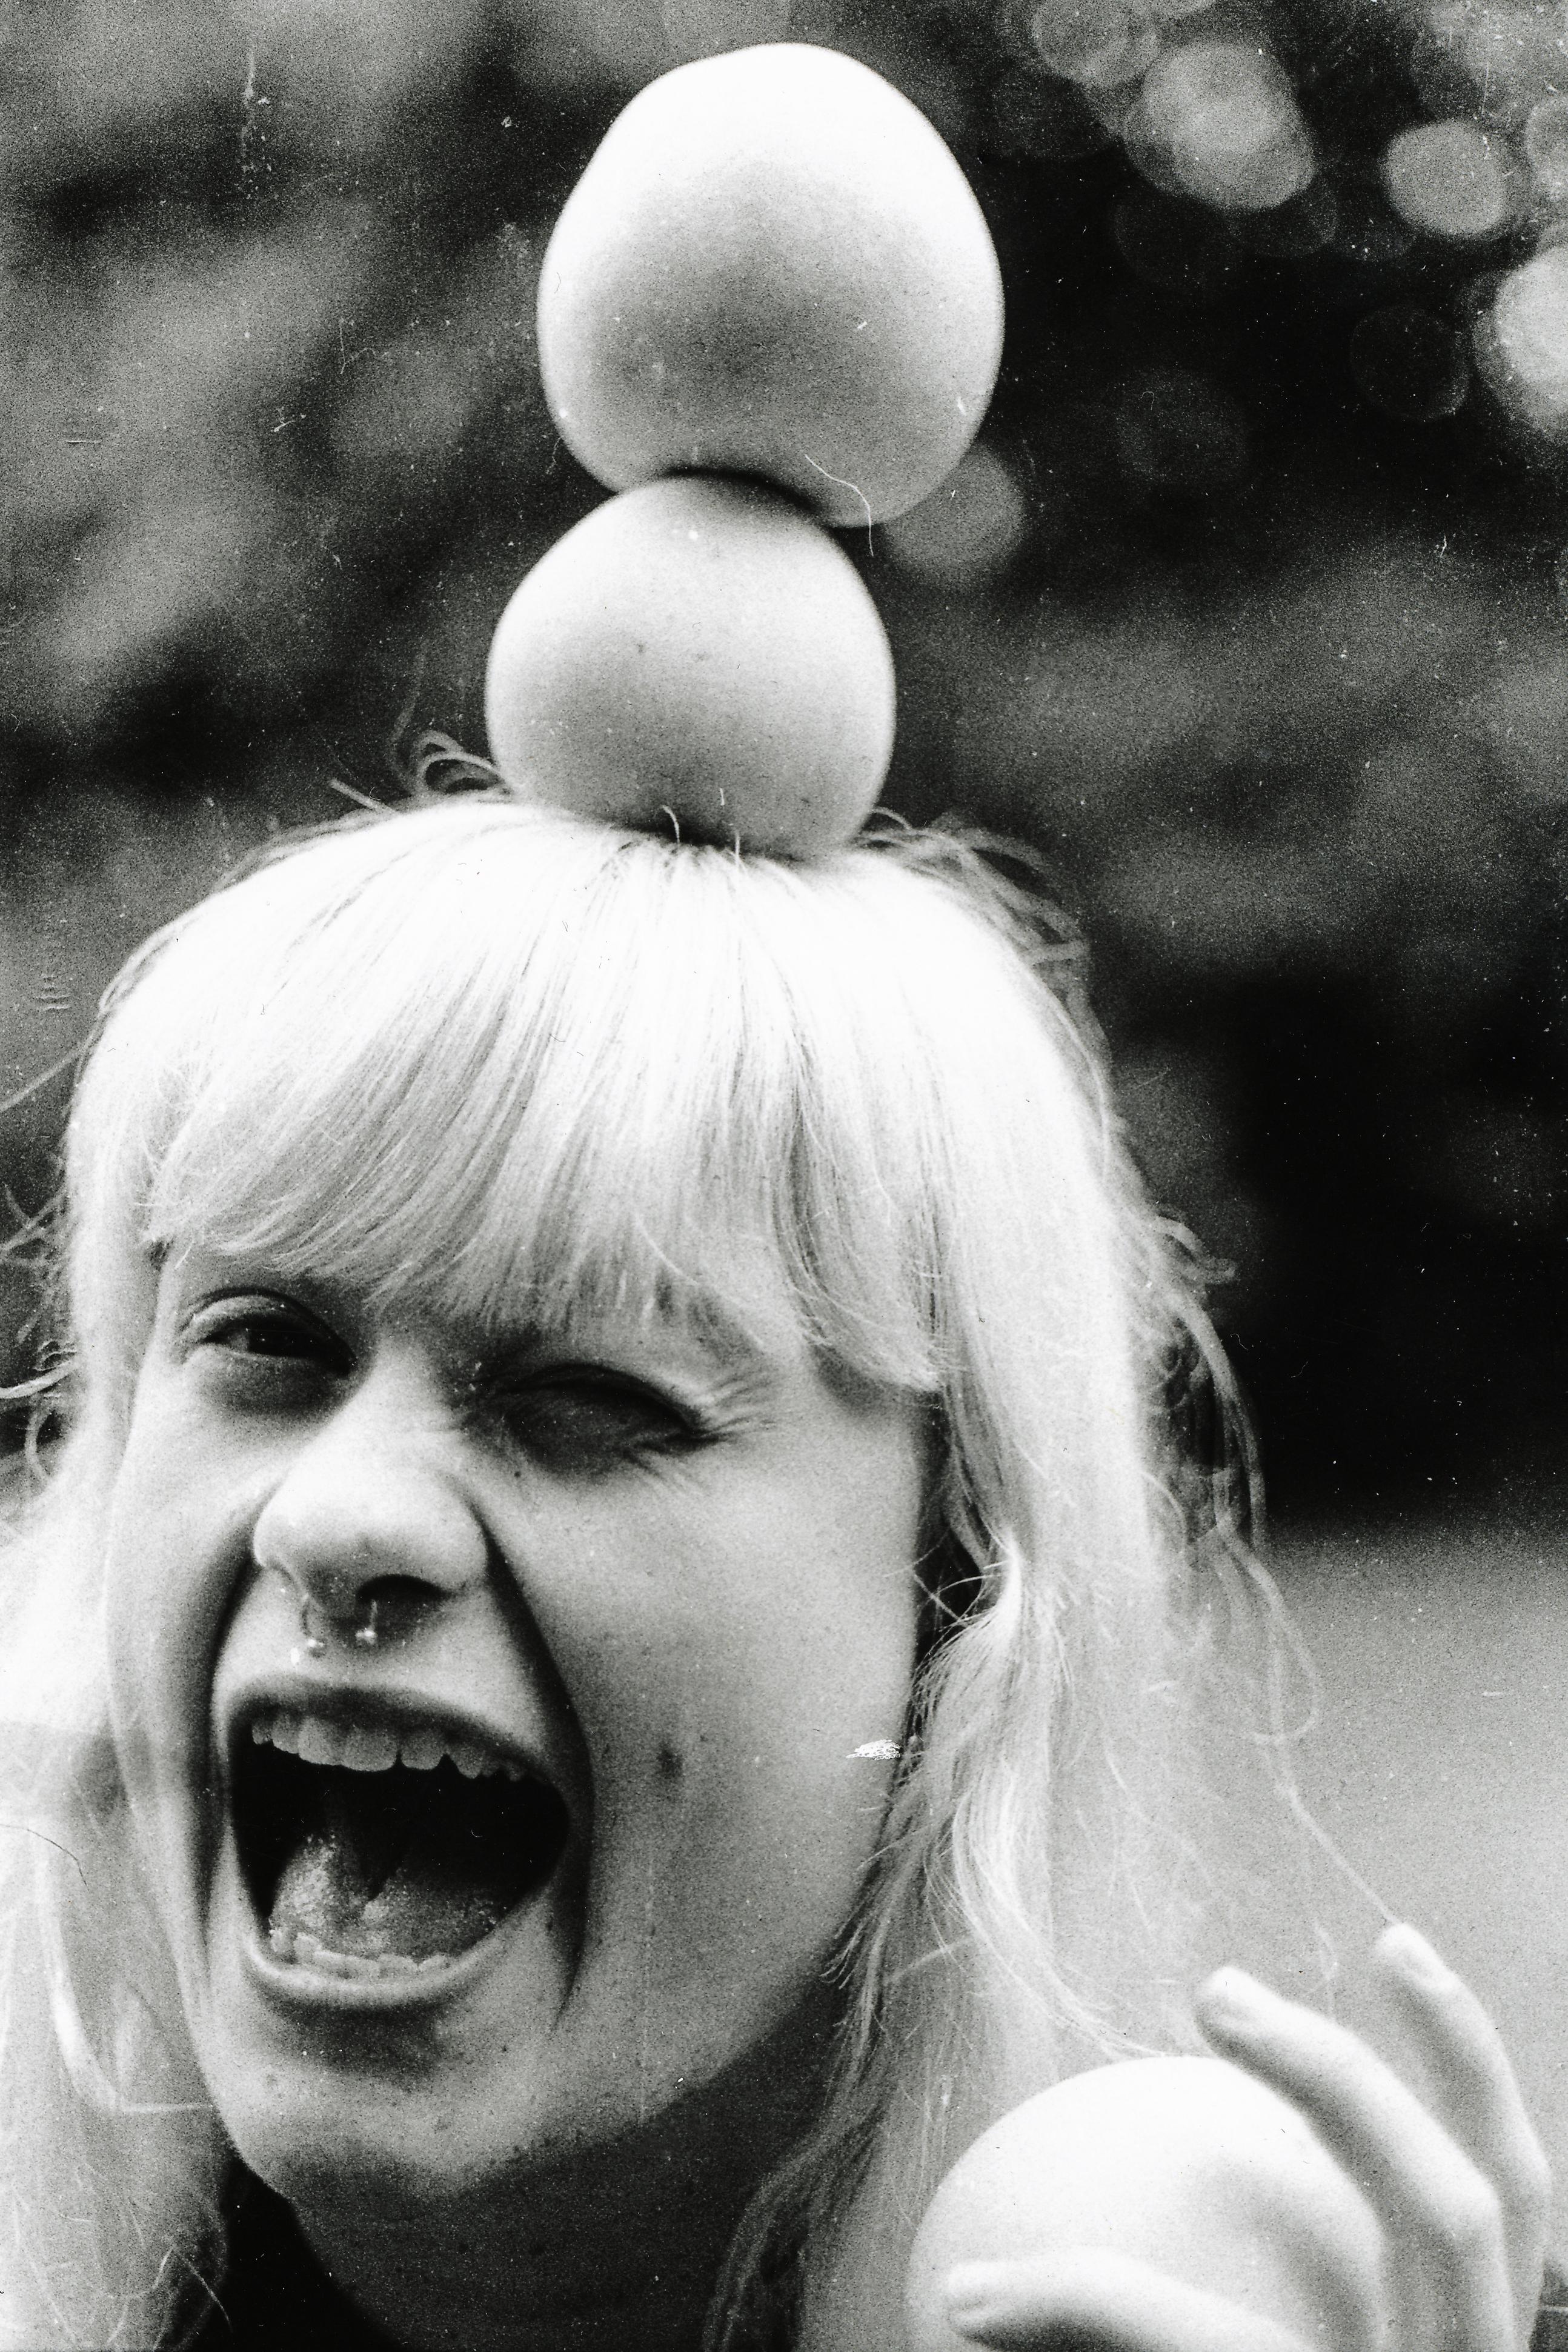 Man kan håndtere alle de æbler det skal være, bare man man har fået tilstrækkelig søvn. Johanne Blåbjerg fanget og puttet i kameraet af Nanna Lykkegaard Andersen.